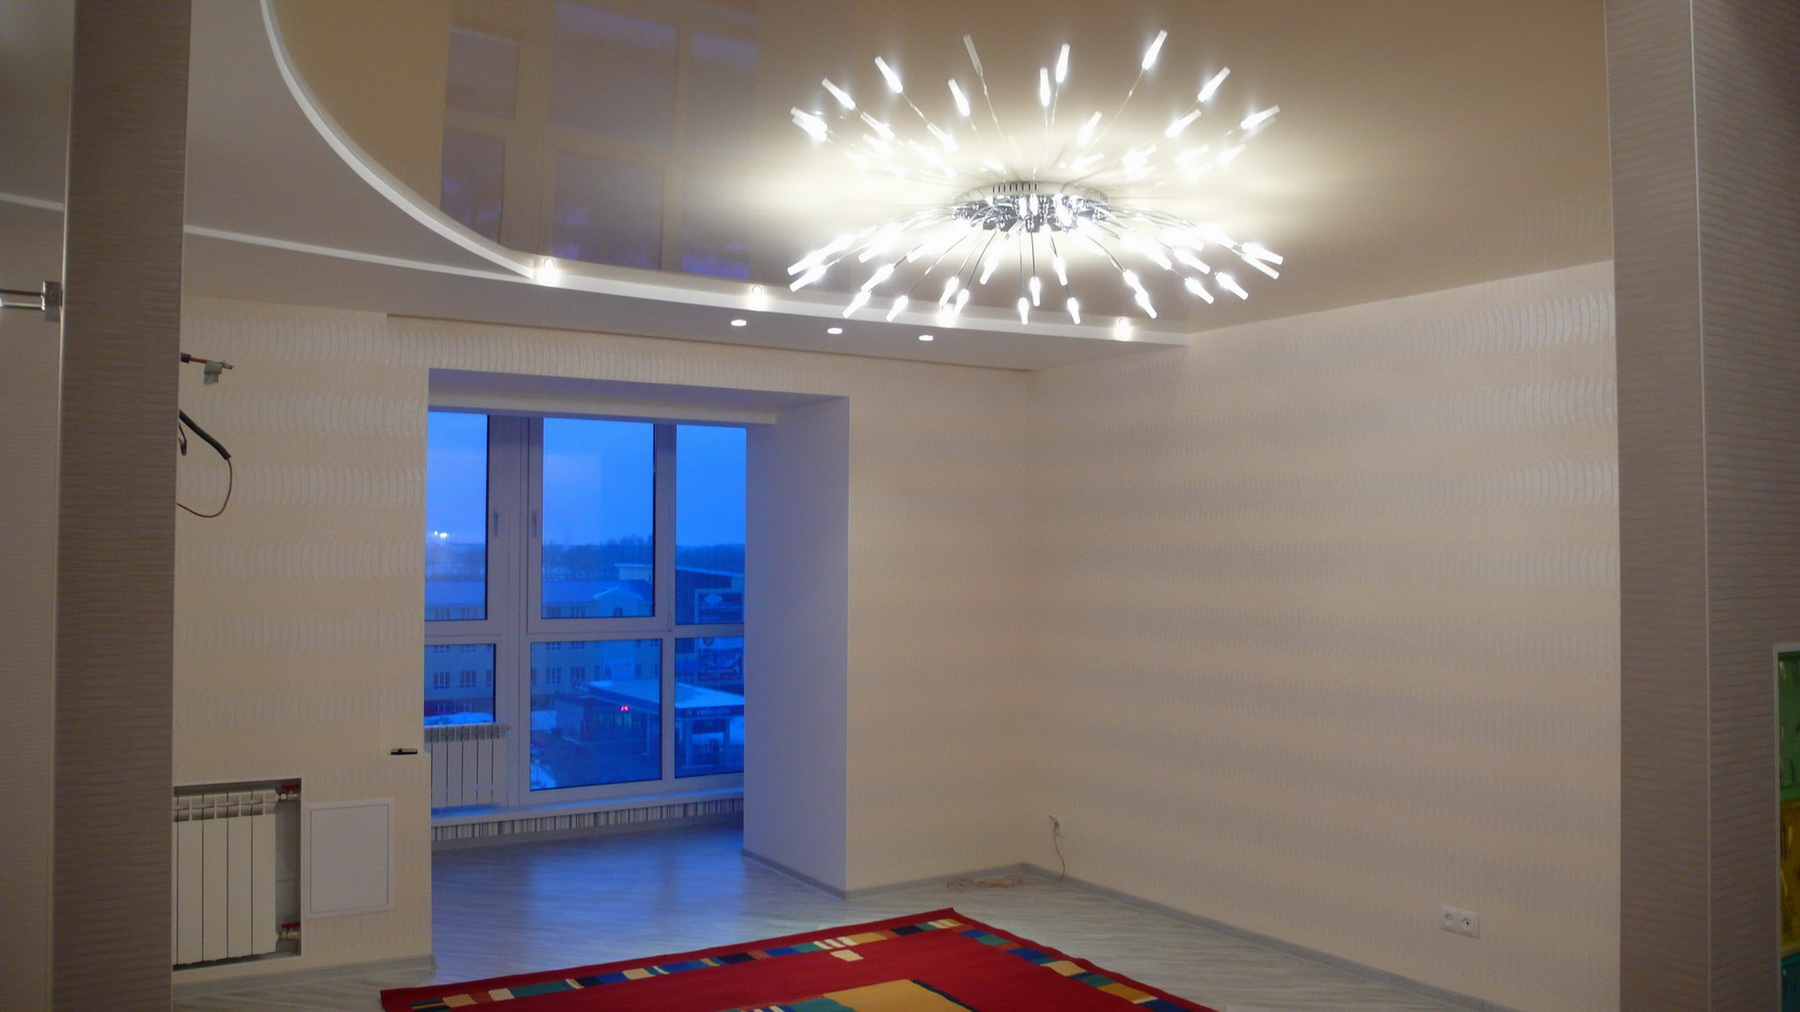 Ремонт на балконе/лоджии... советы, подсказки, умные мысли...